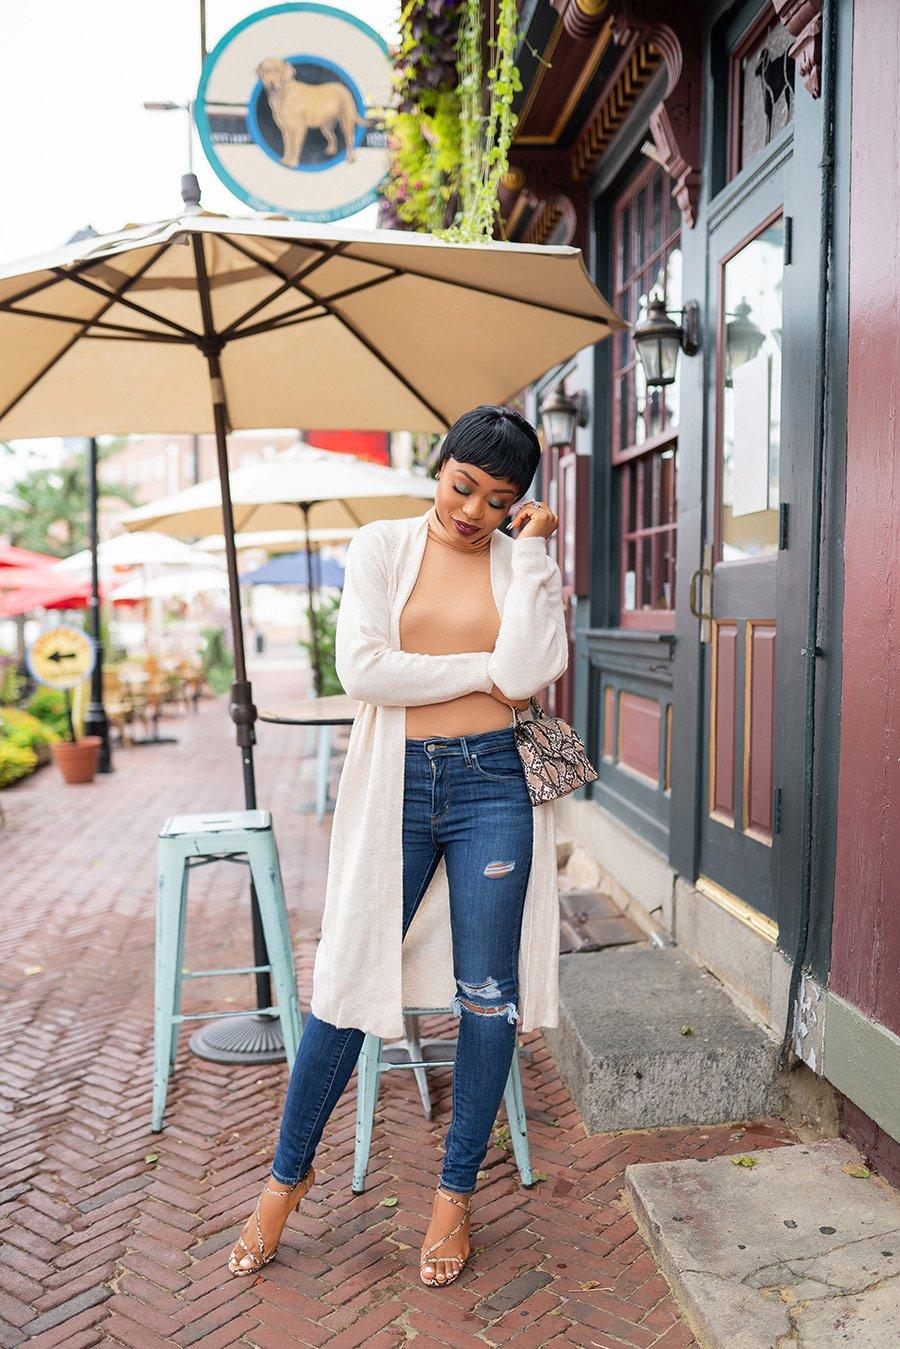 stella-adewunmi-of-jadore-fashion-blog-shares-affordable-fall-cardigan-bodysuit-walmart